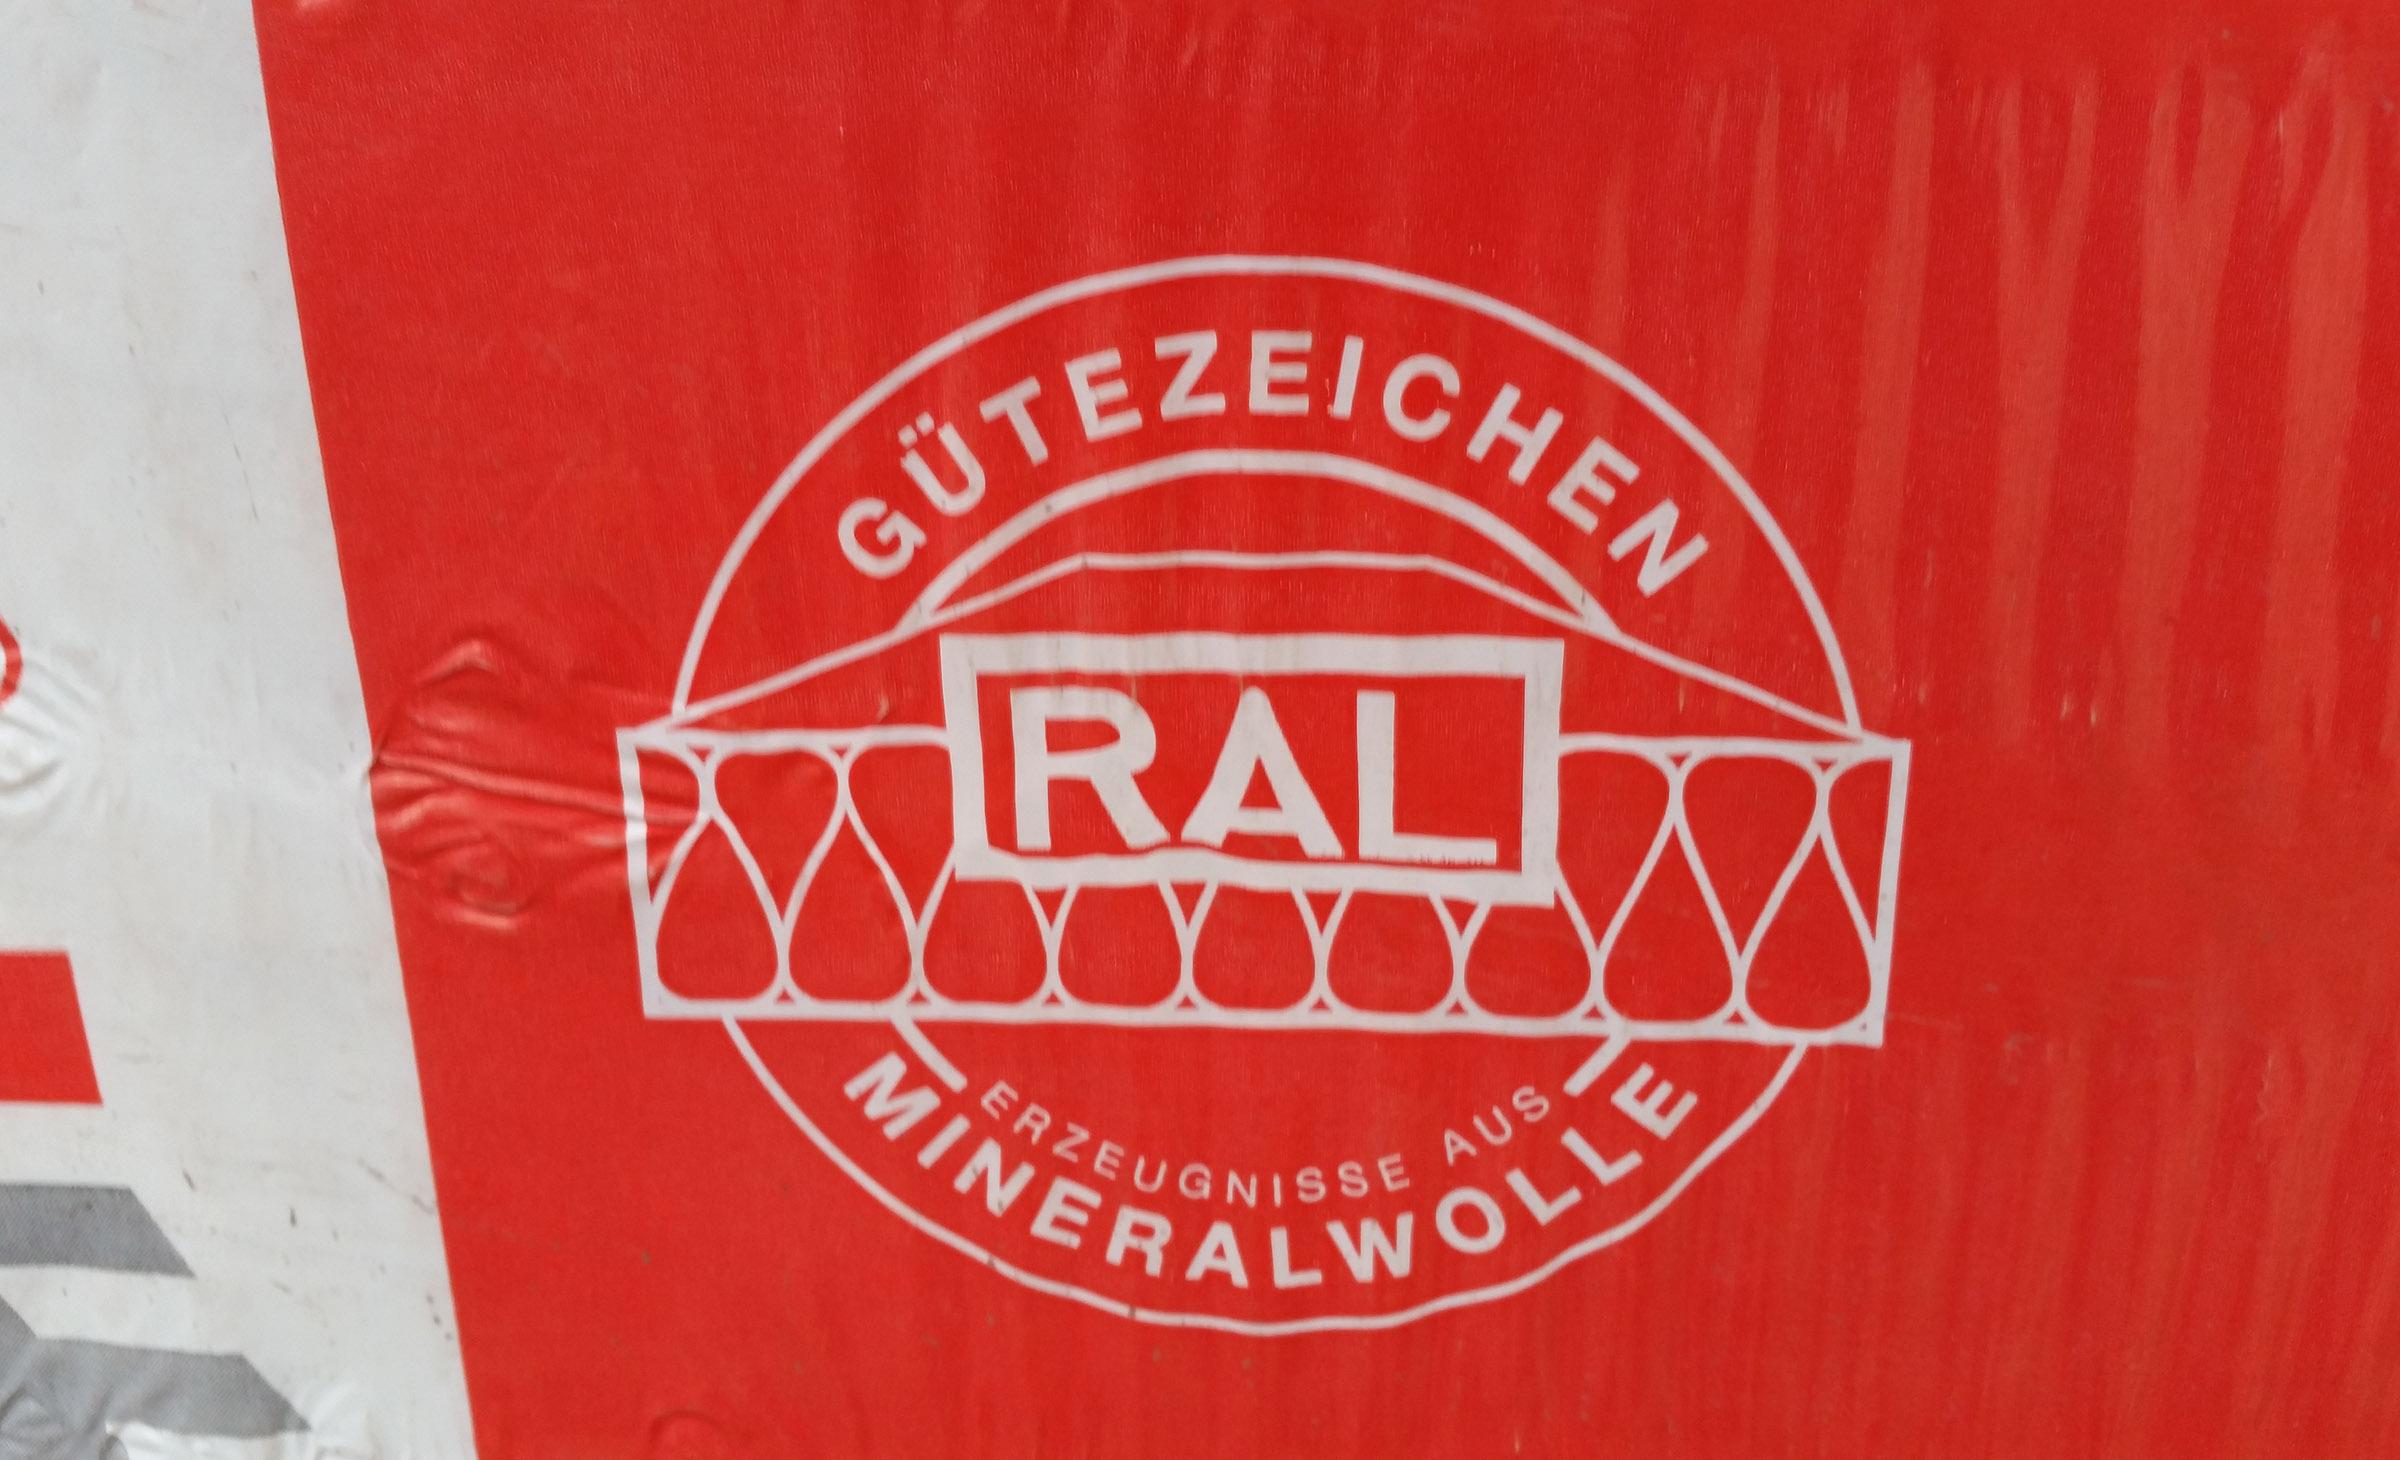 RAL Gütezeichen für Mineralwolle